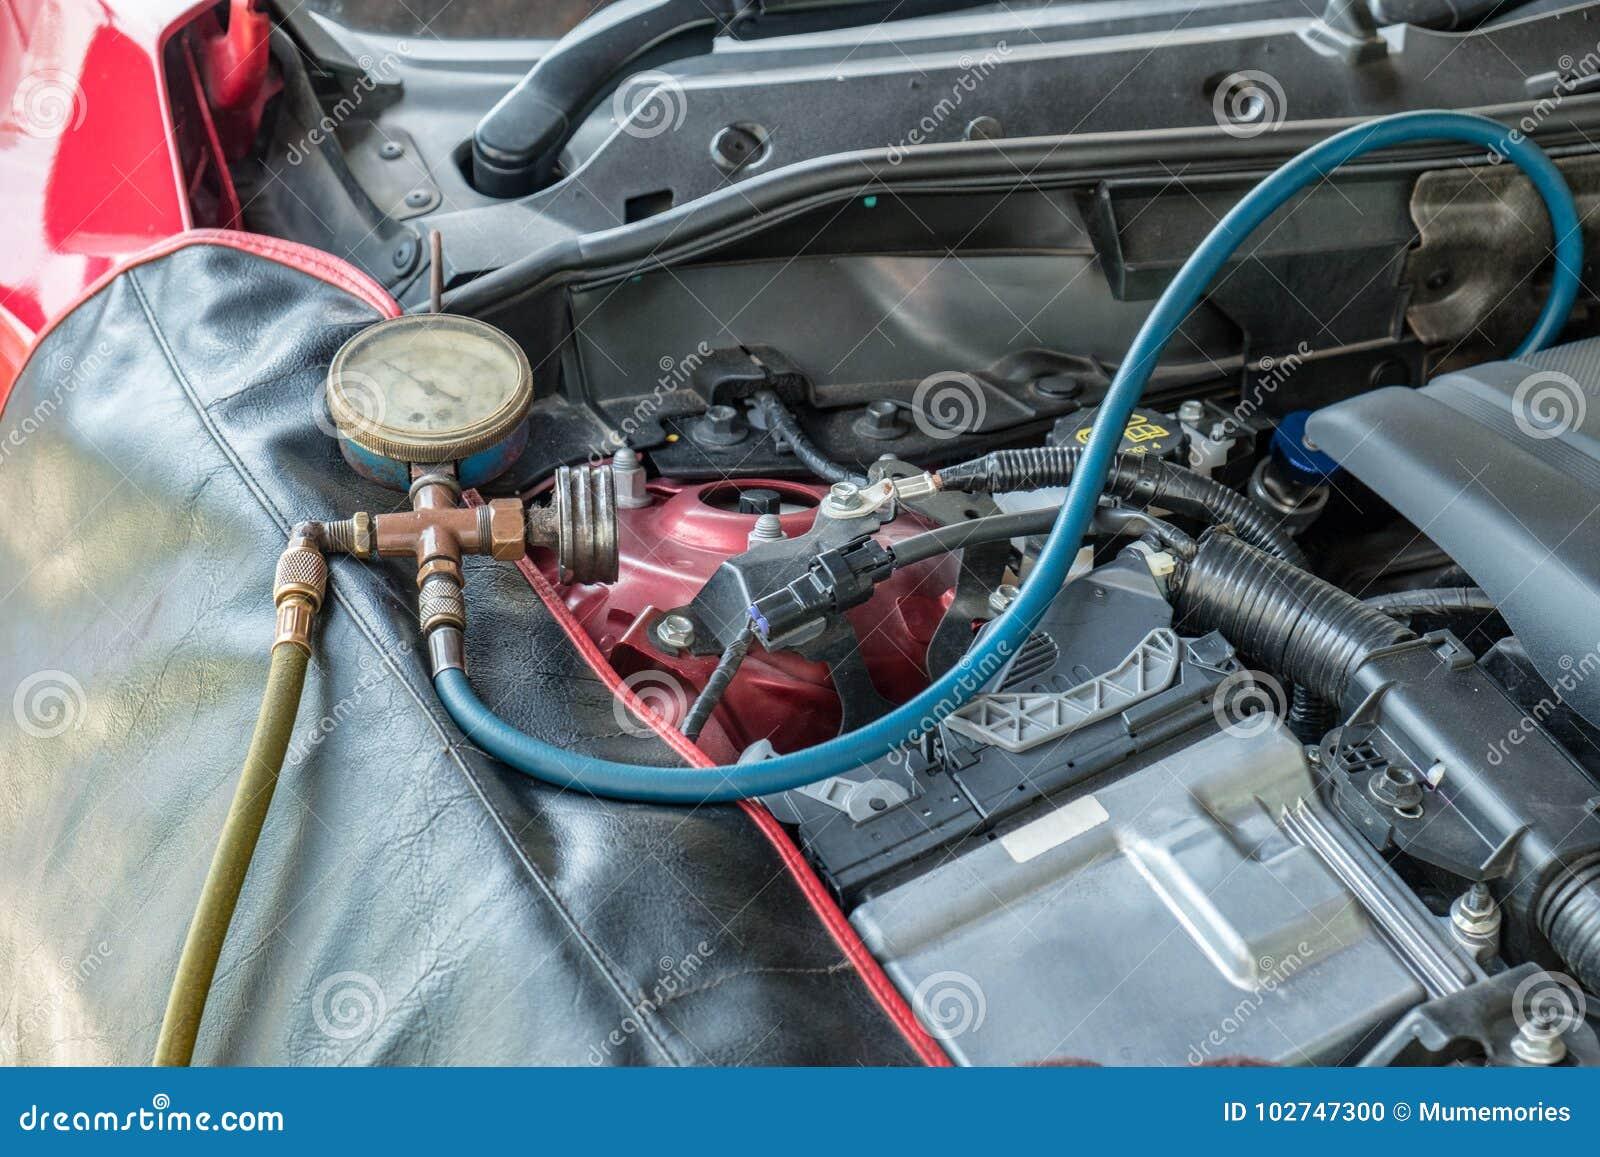 Líquido refrigerante da suficiência do líquido refrigerante do recharge dos manômetros ao motor Ca do sistema